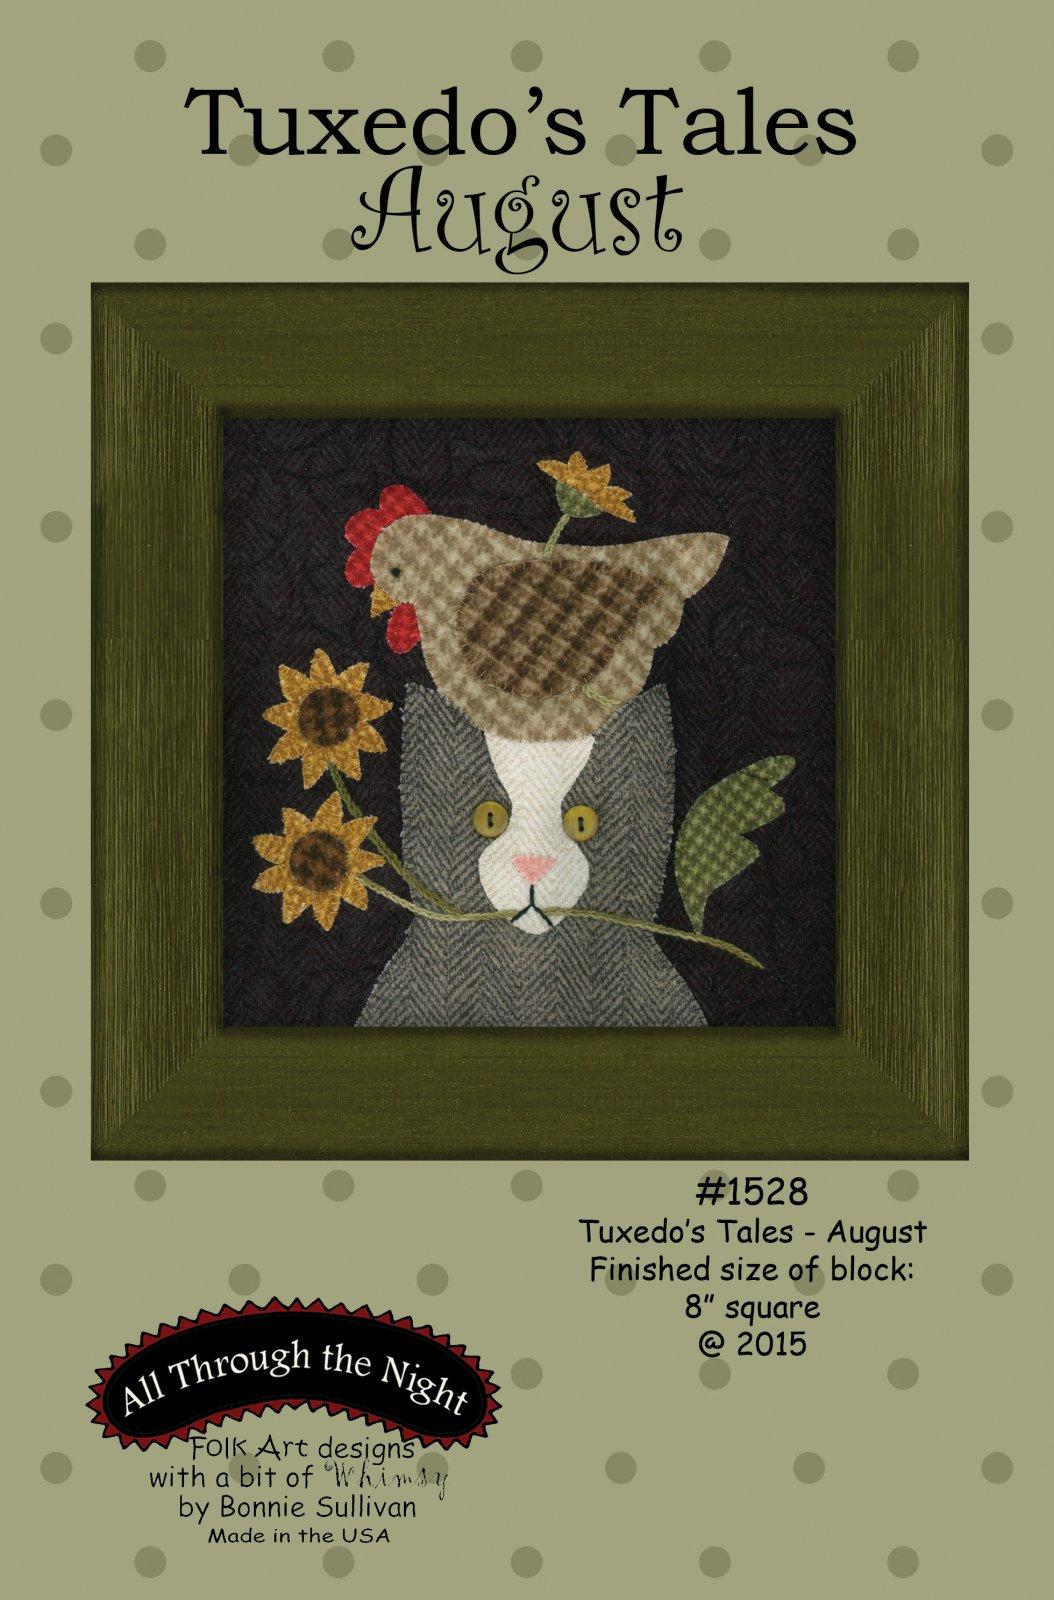 1528 Tuxedo's Tales August